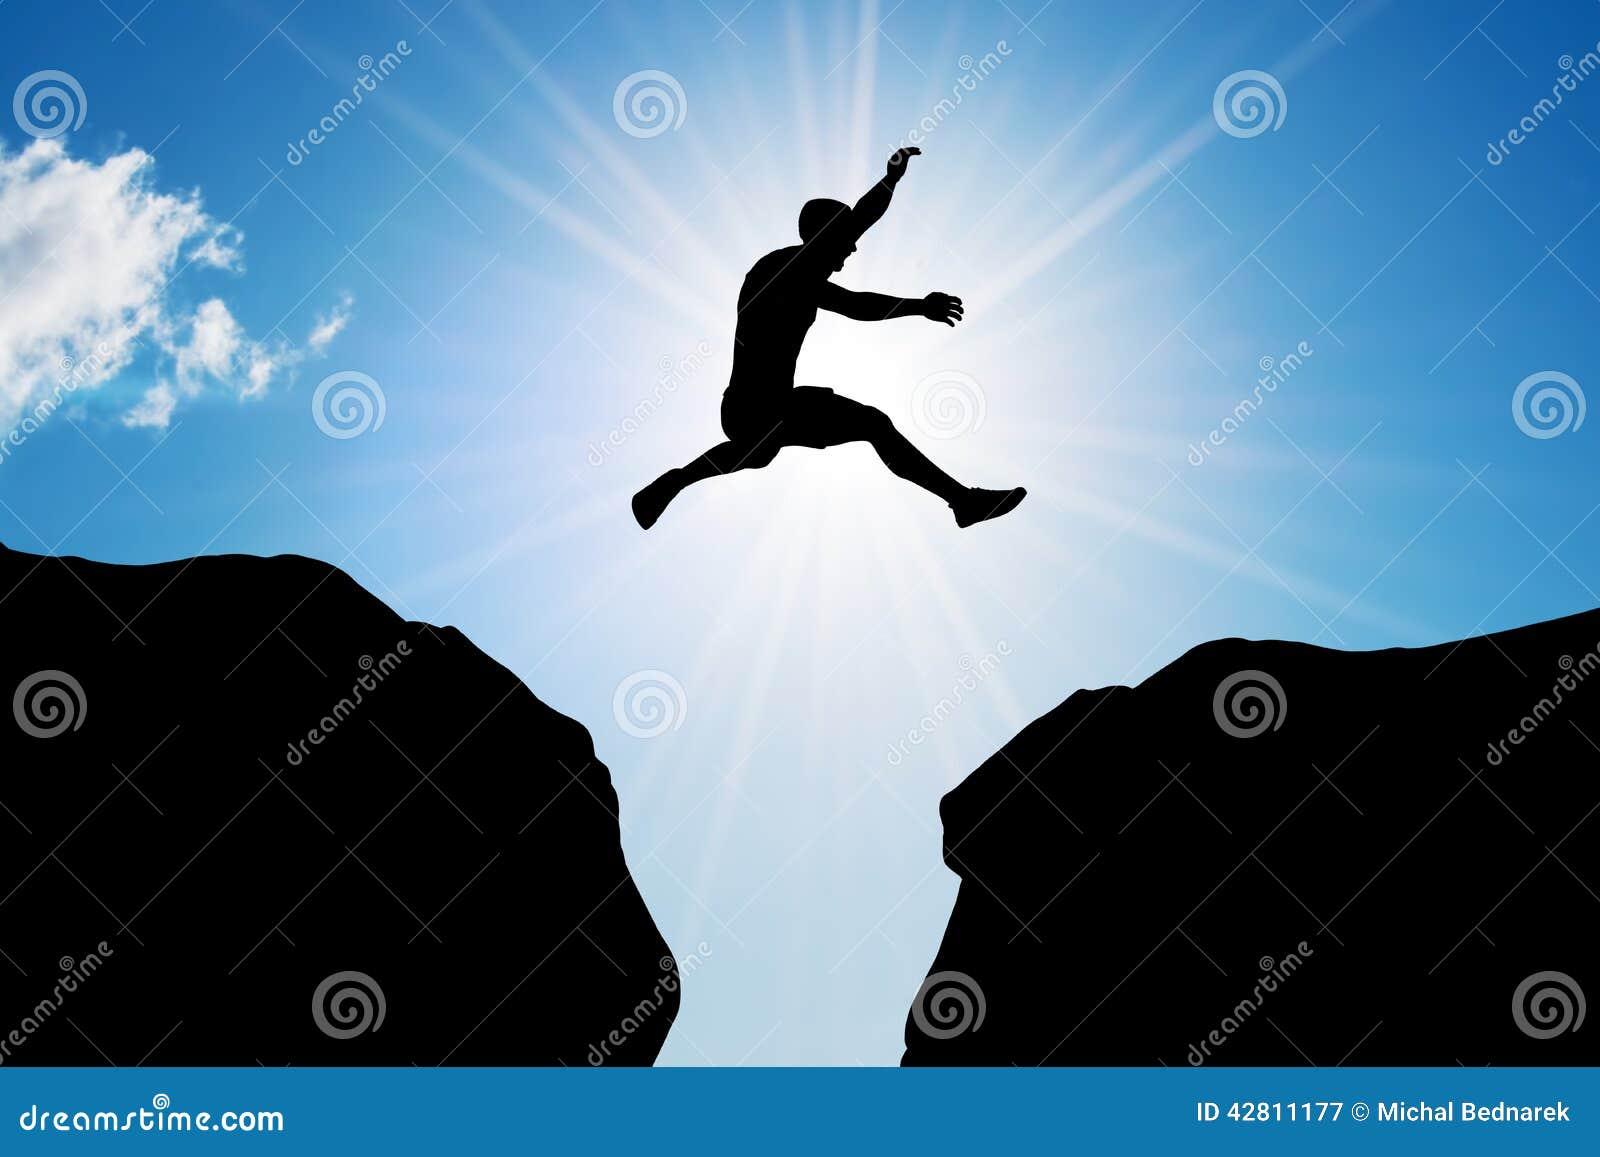 Mężczyzna skacze nad urwiskiem Ryzyko, wyzwanie, sukces